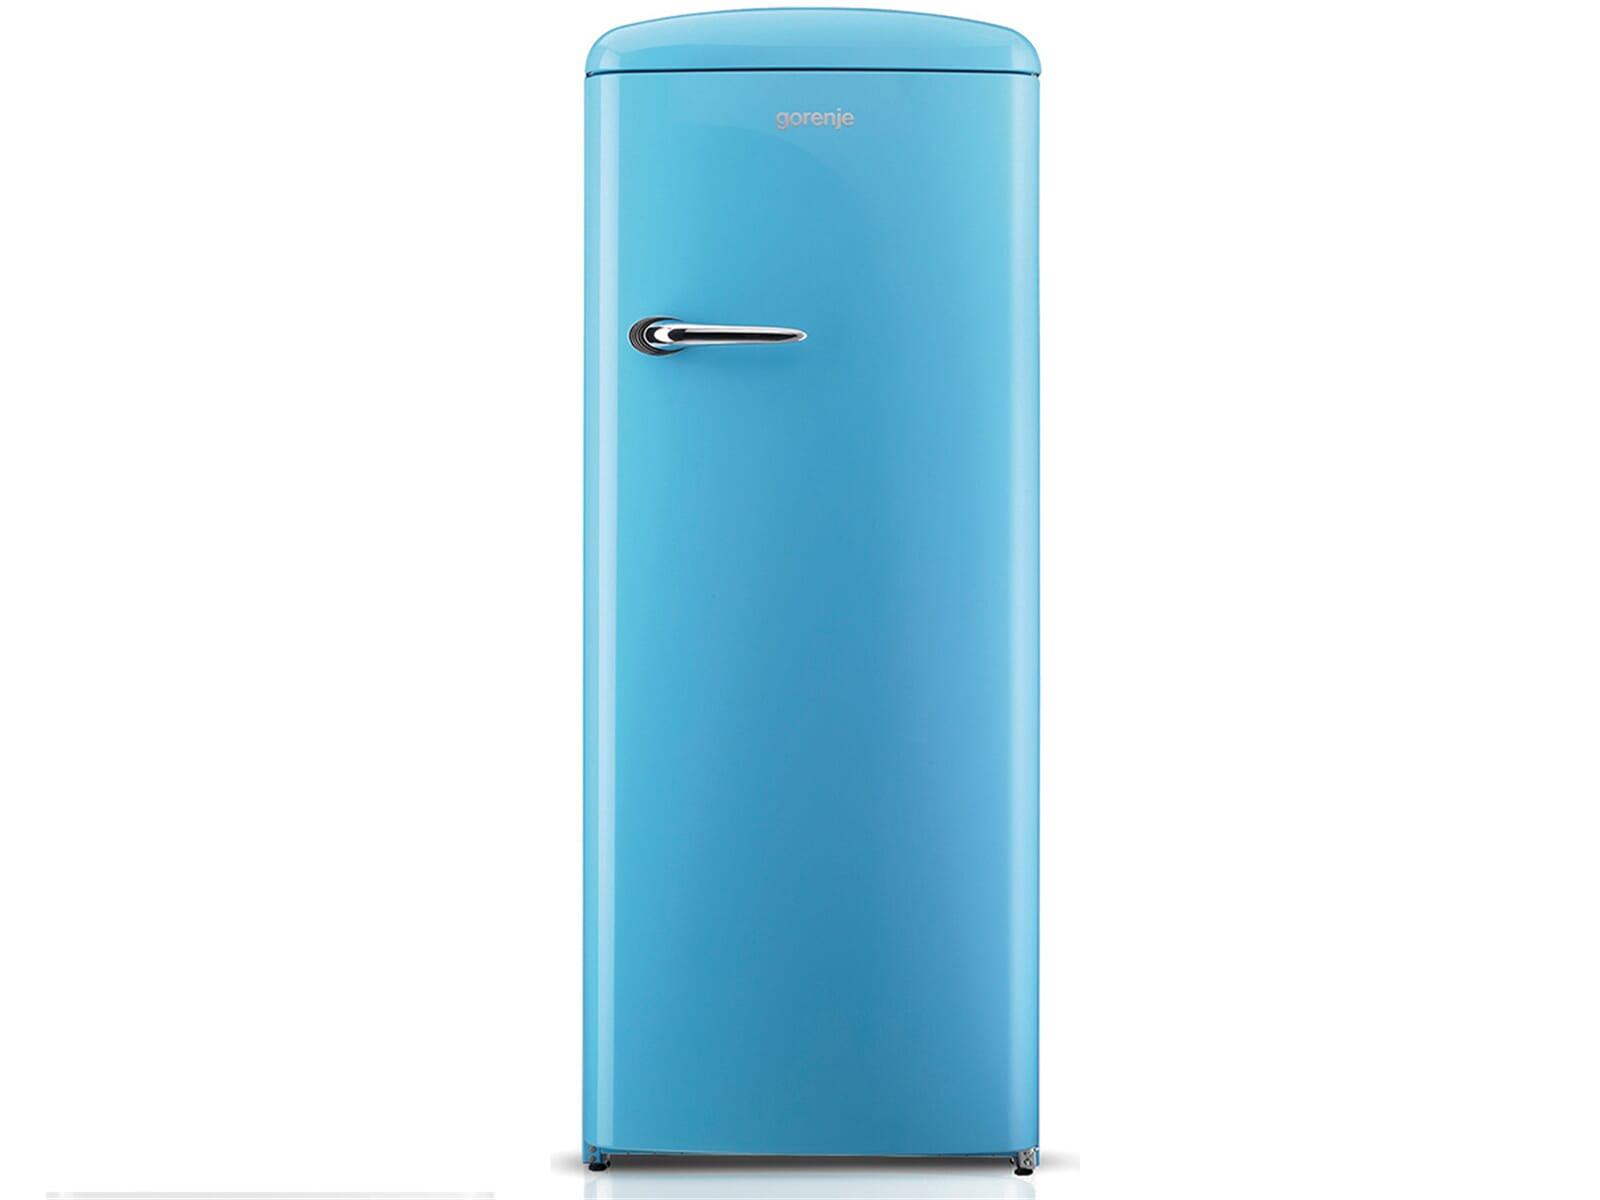 Gorenje Kühlschrank Rk 61821 X : Kühlschrank blau gorenje lisa brasel